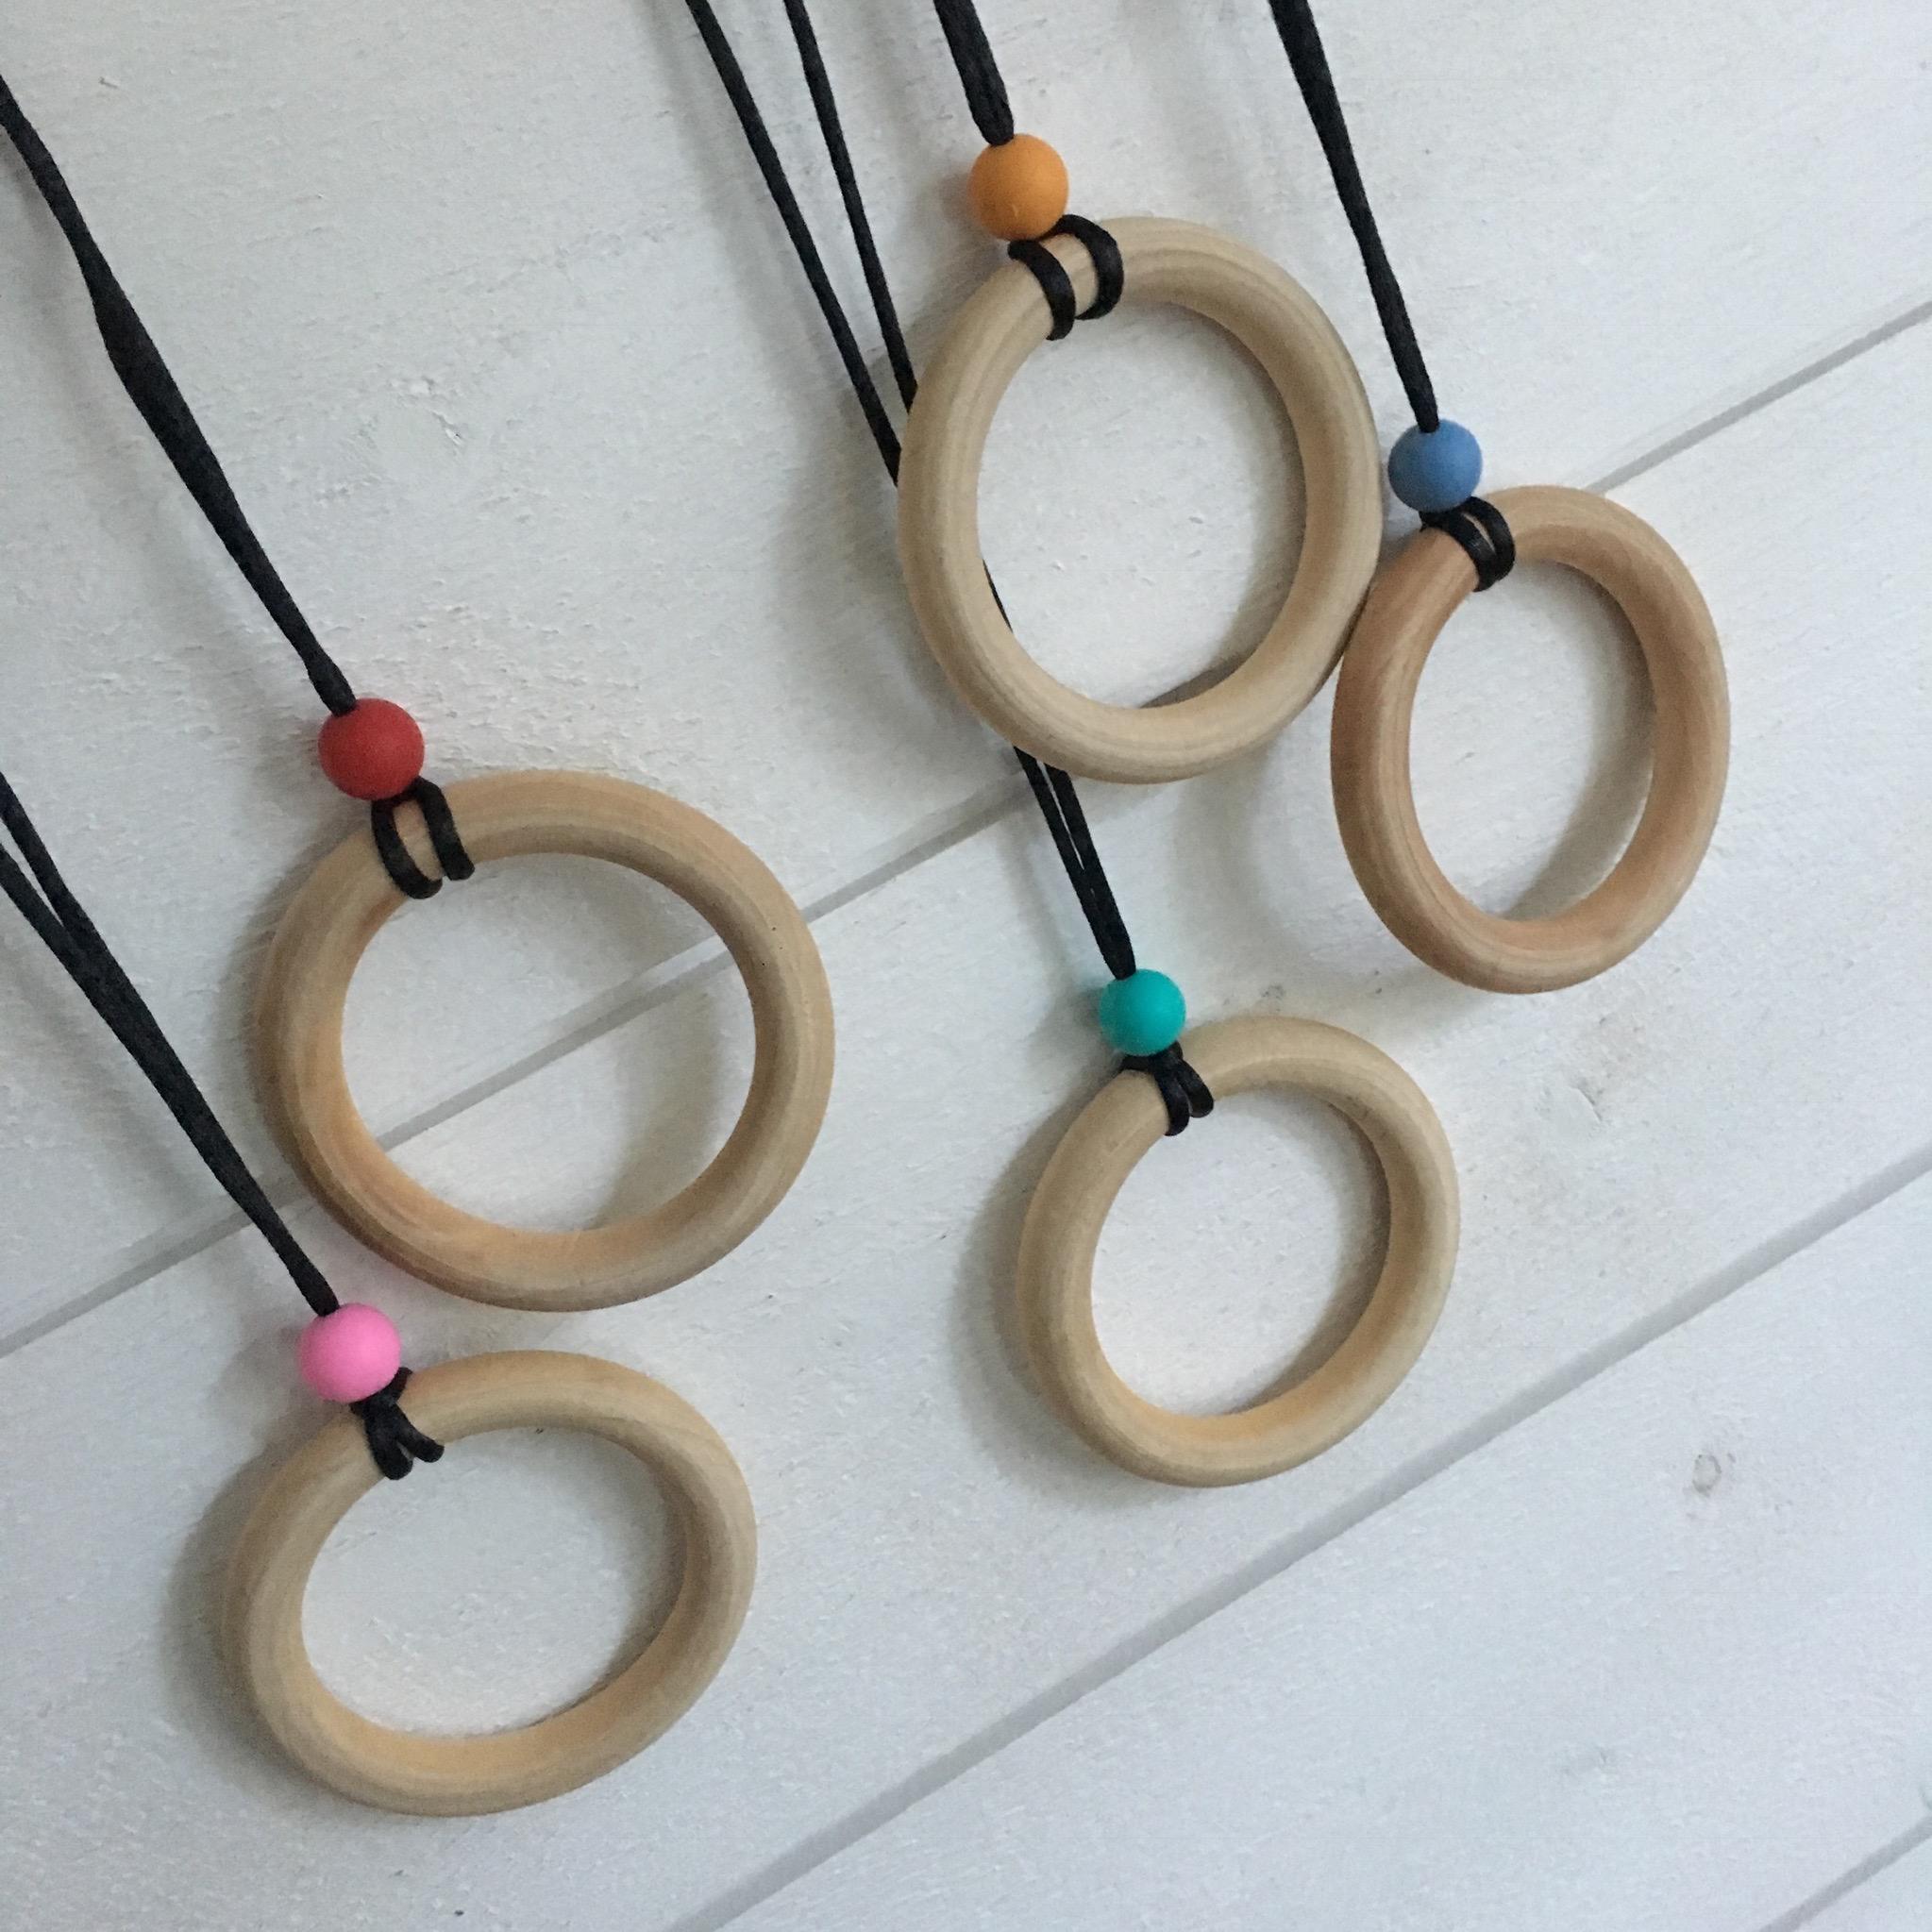 collier de portage en bois et silicone alimentaire couleur choix mes petites lubies. Black Bedroom Furniture Sets. Home Design Ideas